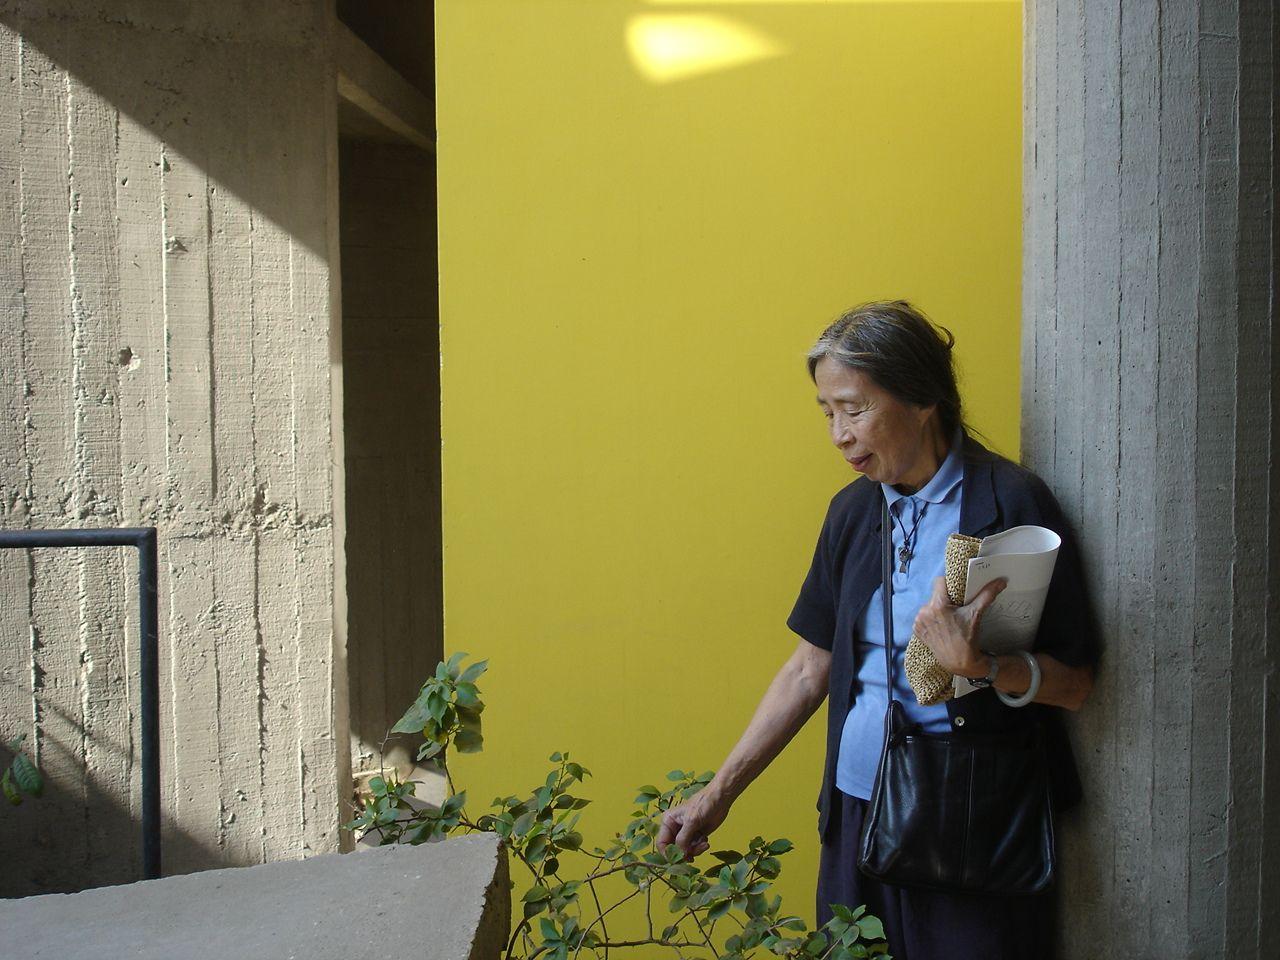 王秋華的建築設計風格反映著現代主義風格,同時著重與整體環境的比例平衡。(Images courtesy of 王秋華)